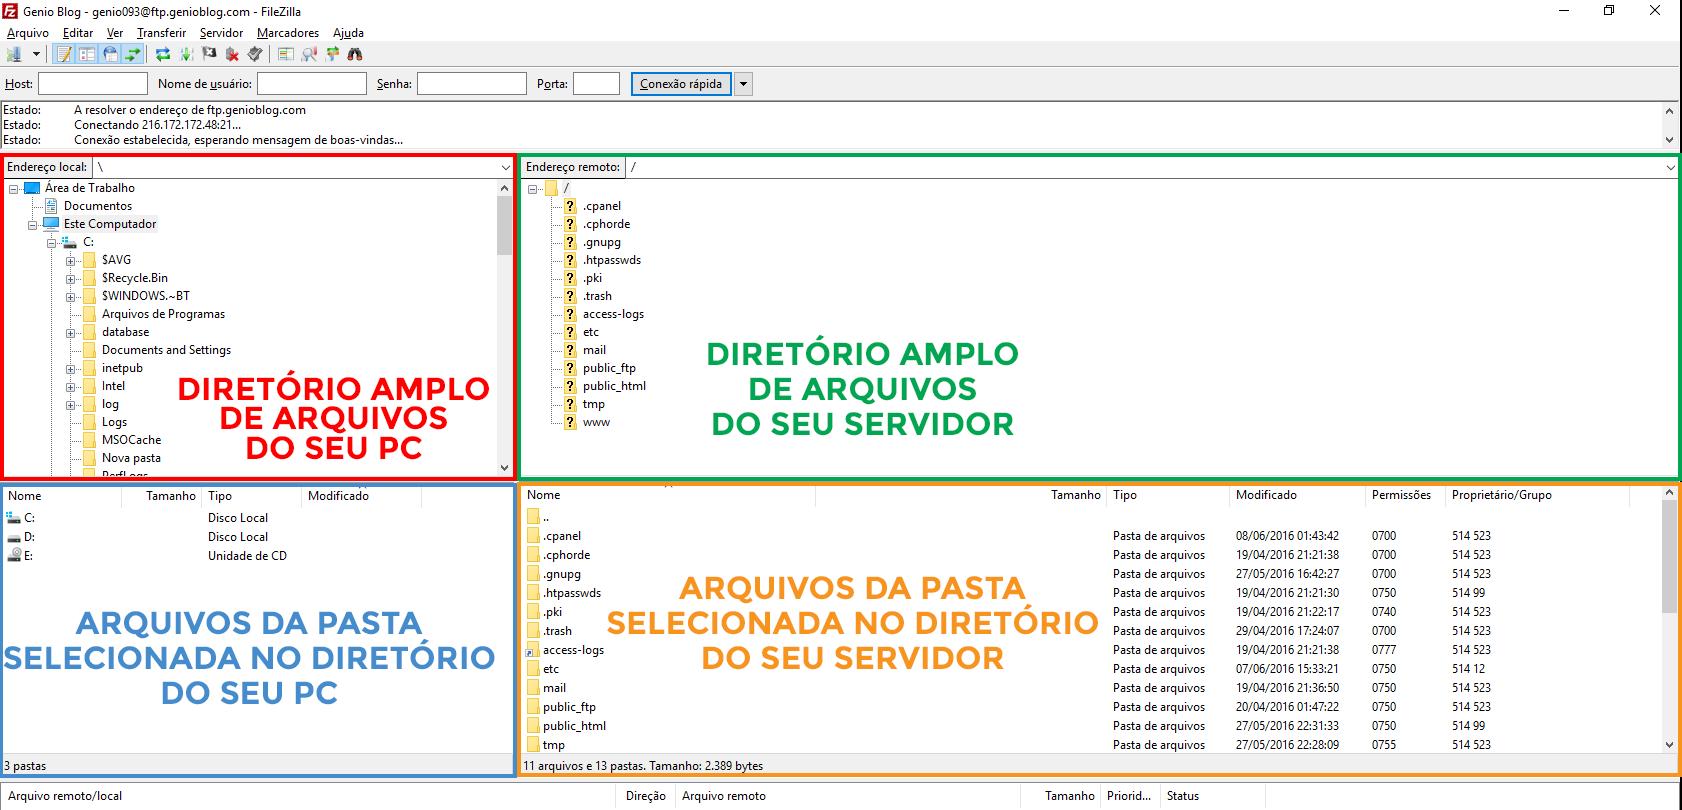 FileZilla - Entendendo as telas e divisoes2